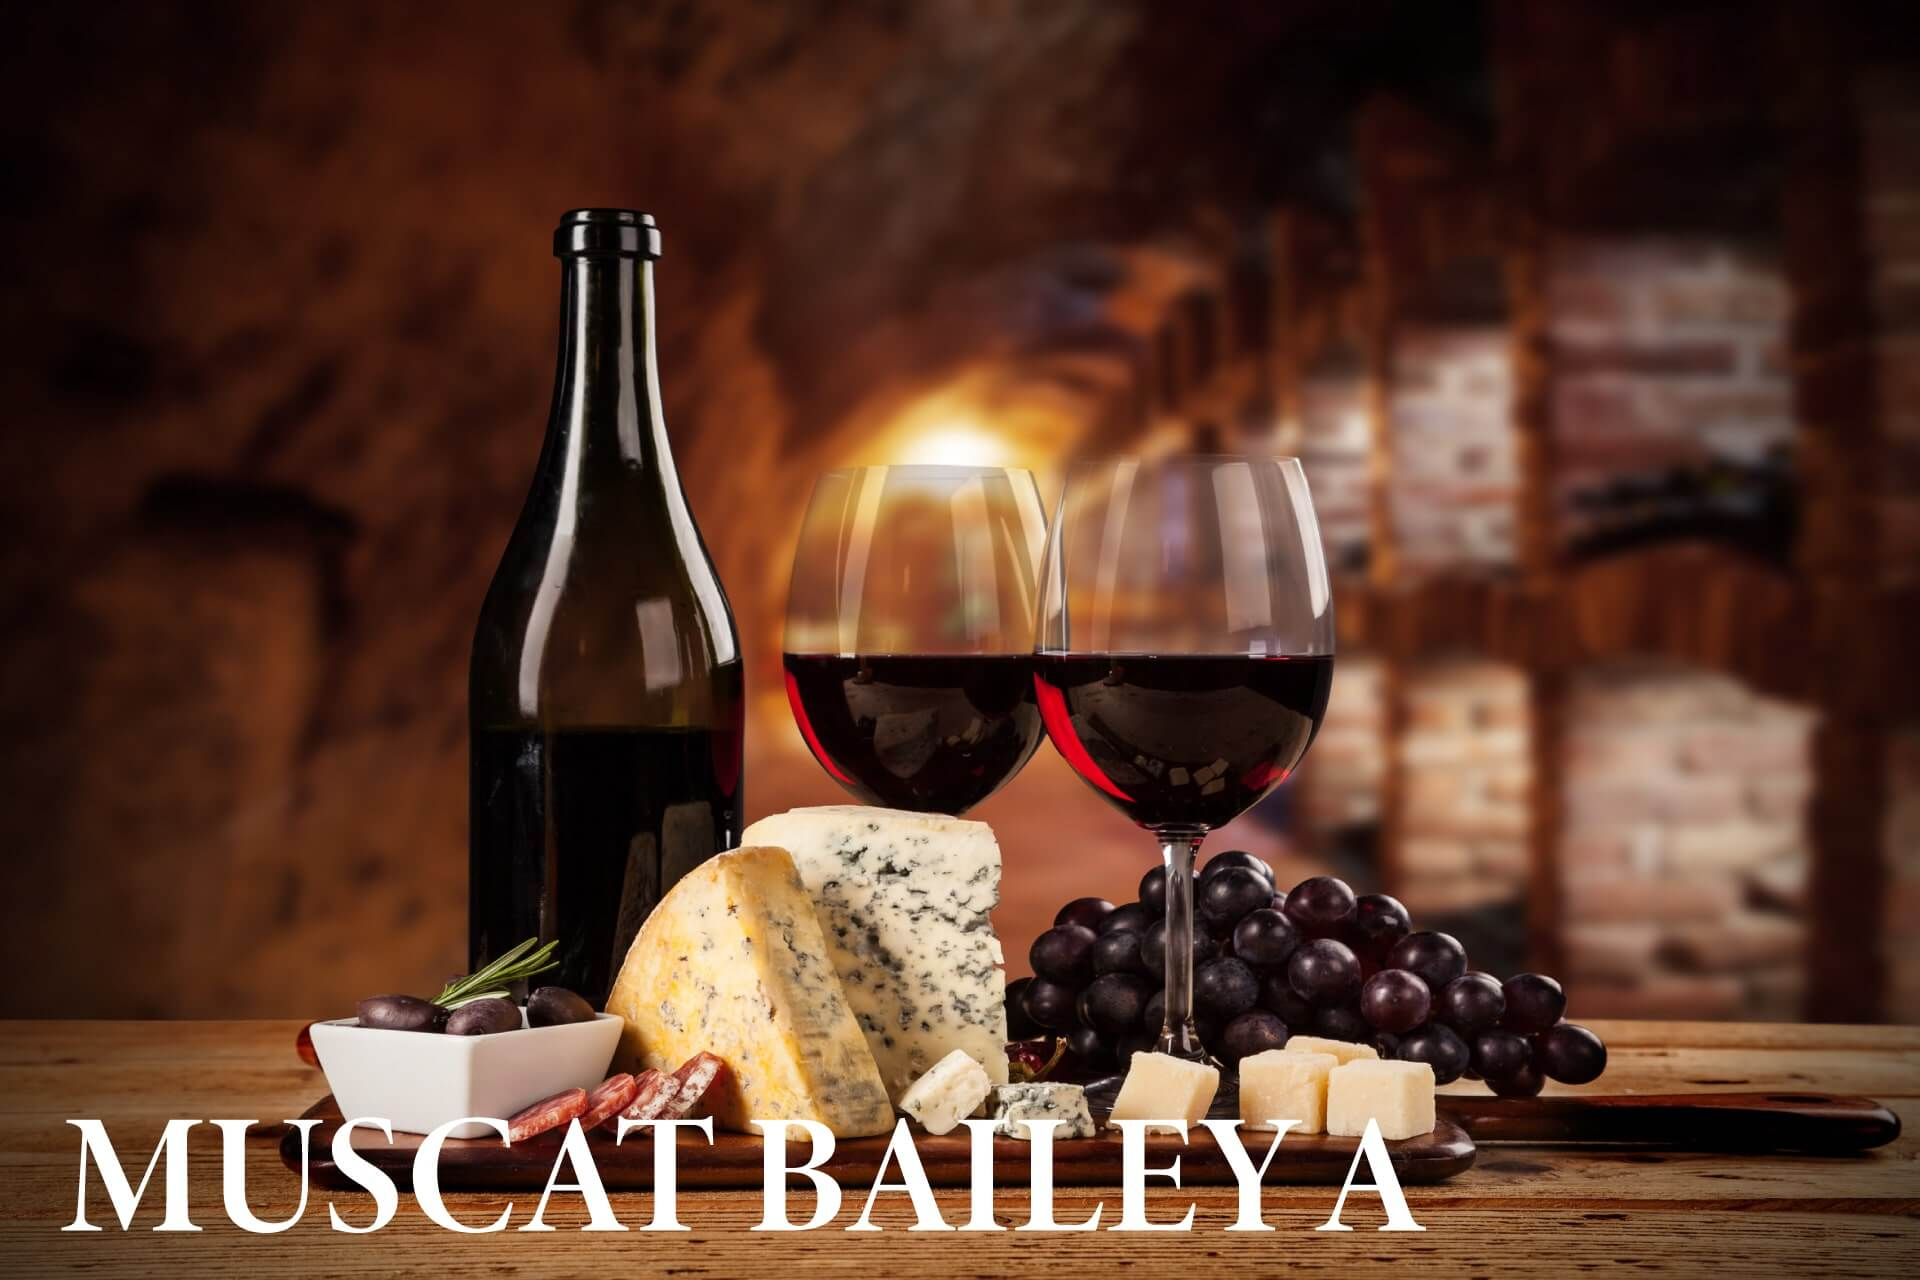 マスカット・ベーリーA種おすすめワインのメインビジュアル画像